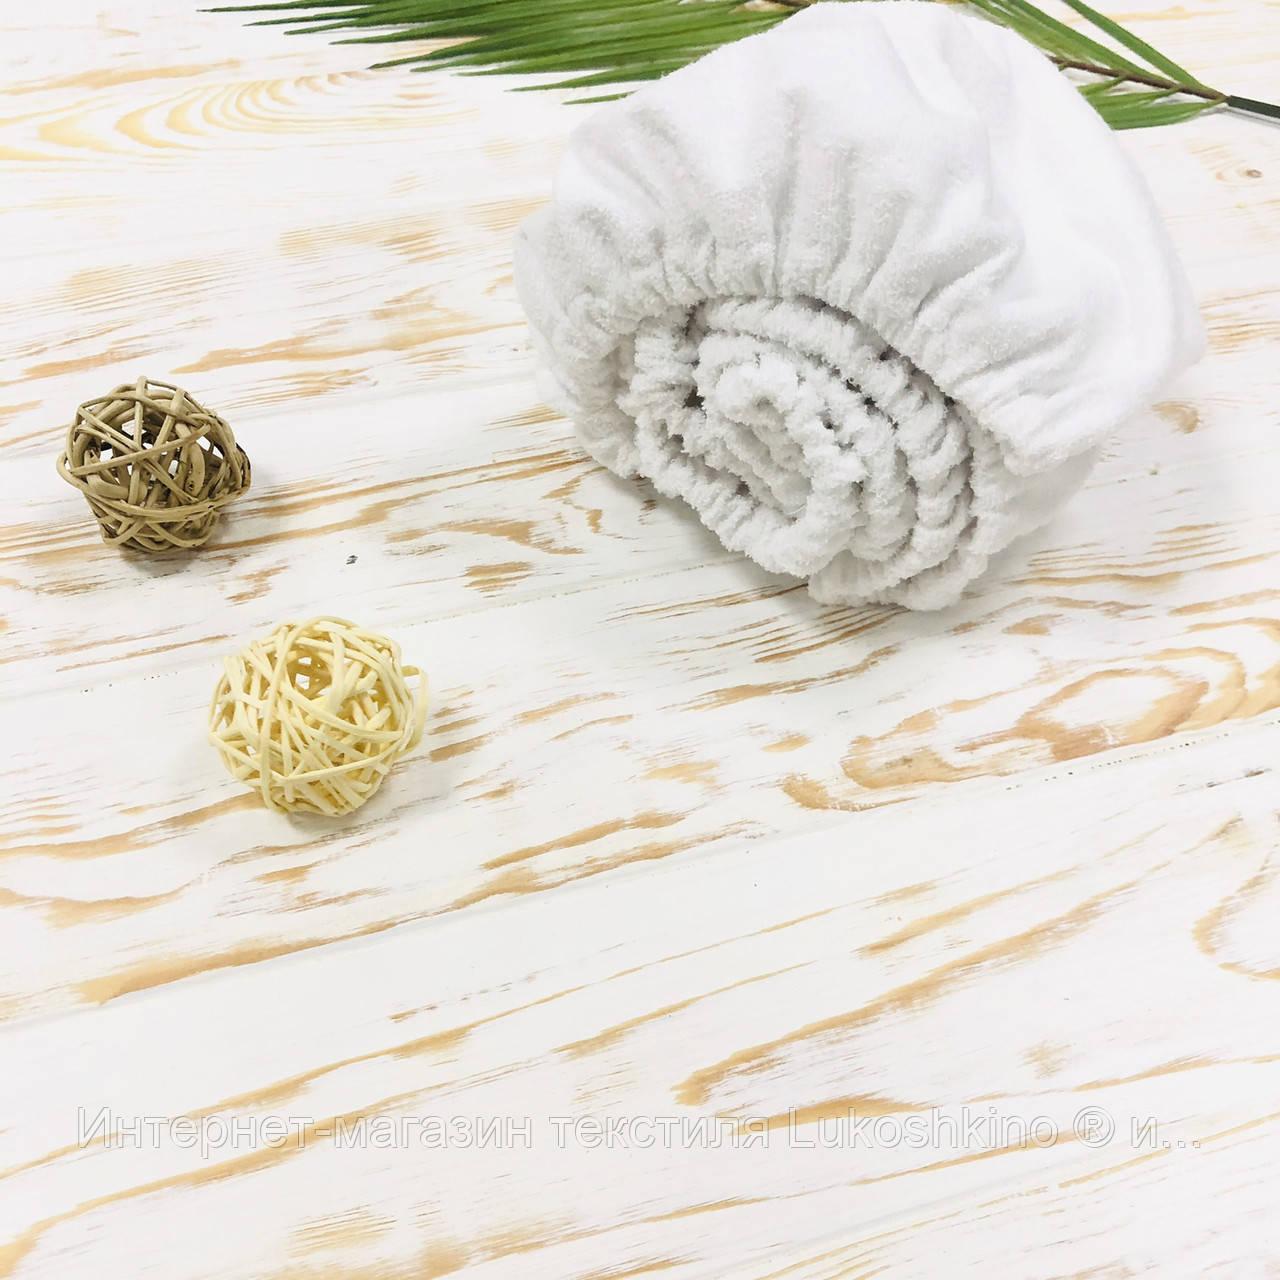 Непромокаемая простынка на резинке в коляску Lukoshkino ® Размер 35*75 см.  NPR-1